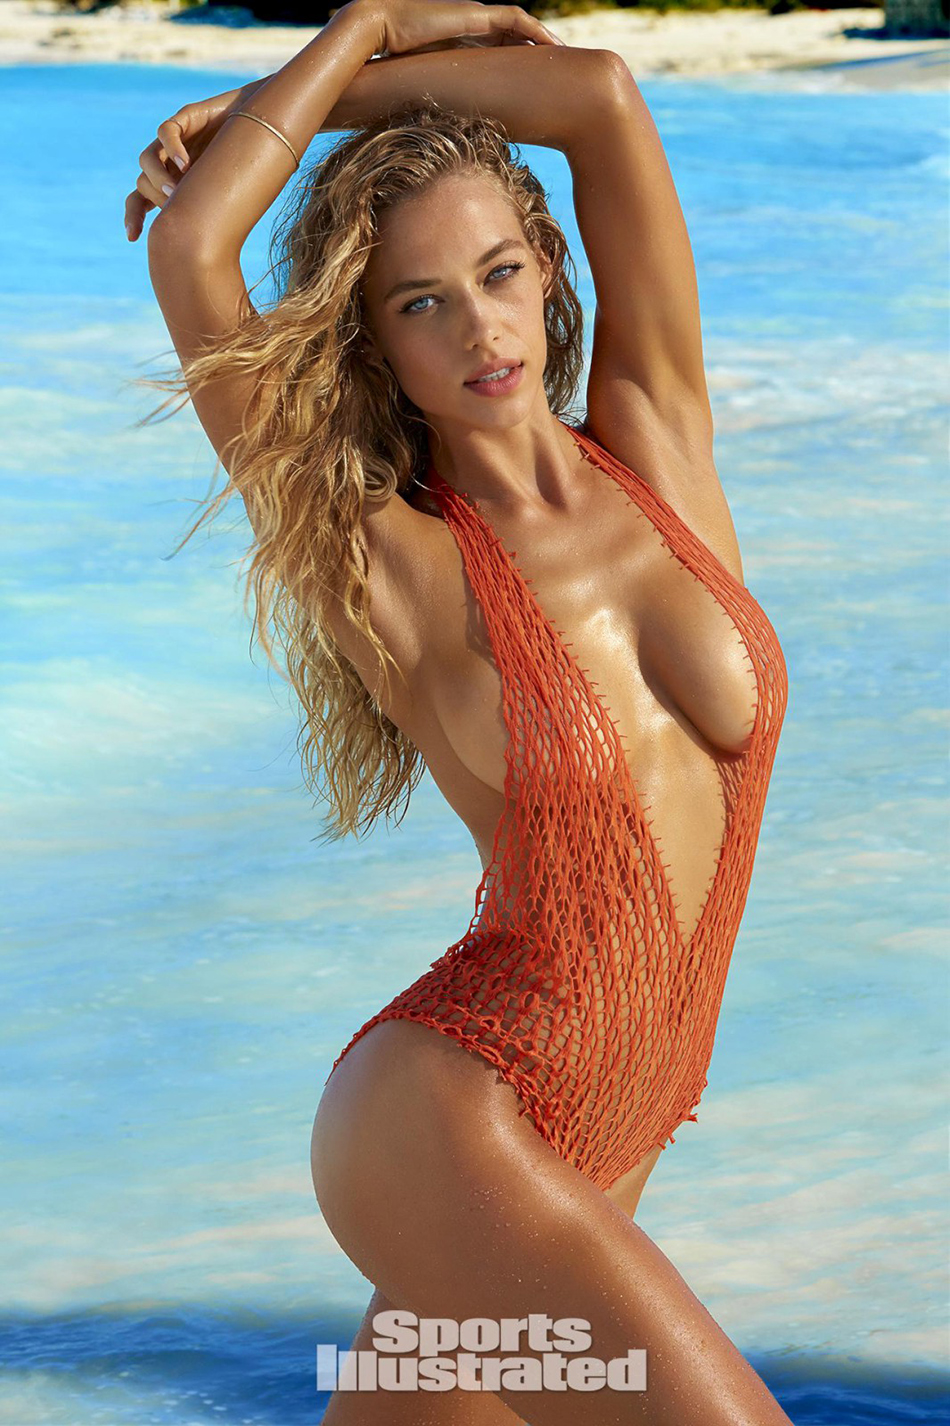 Sports illistrated bikini models